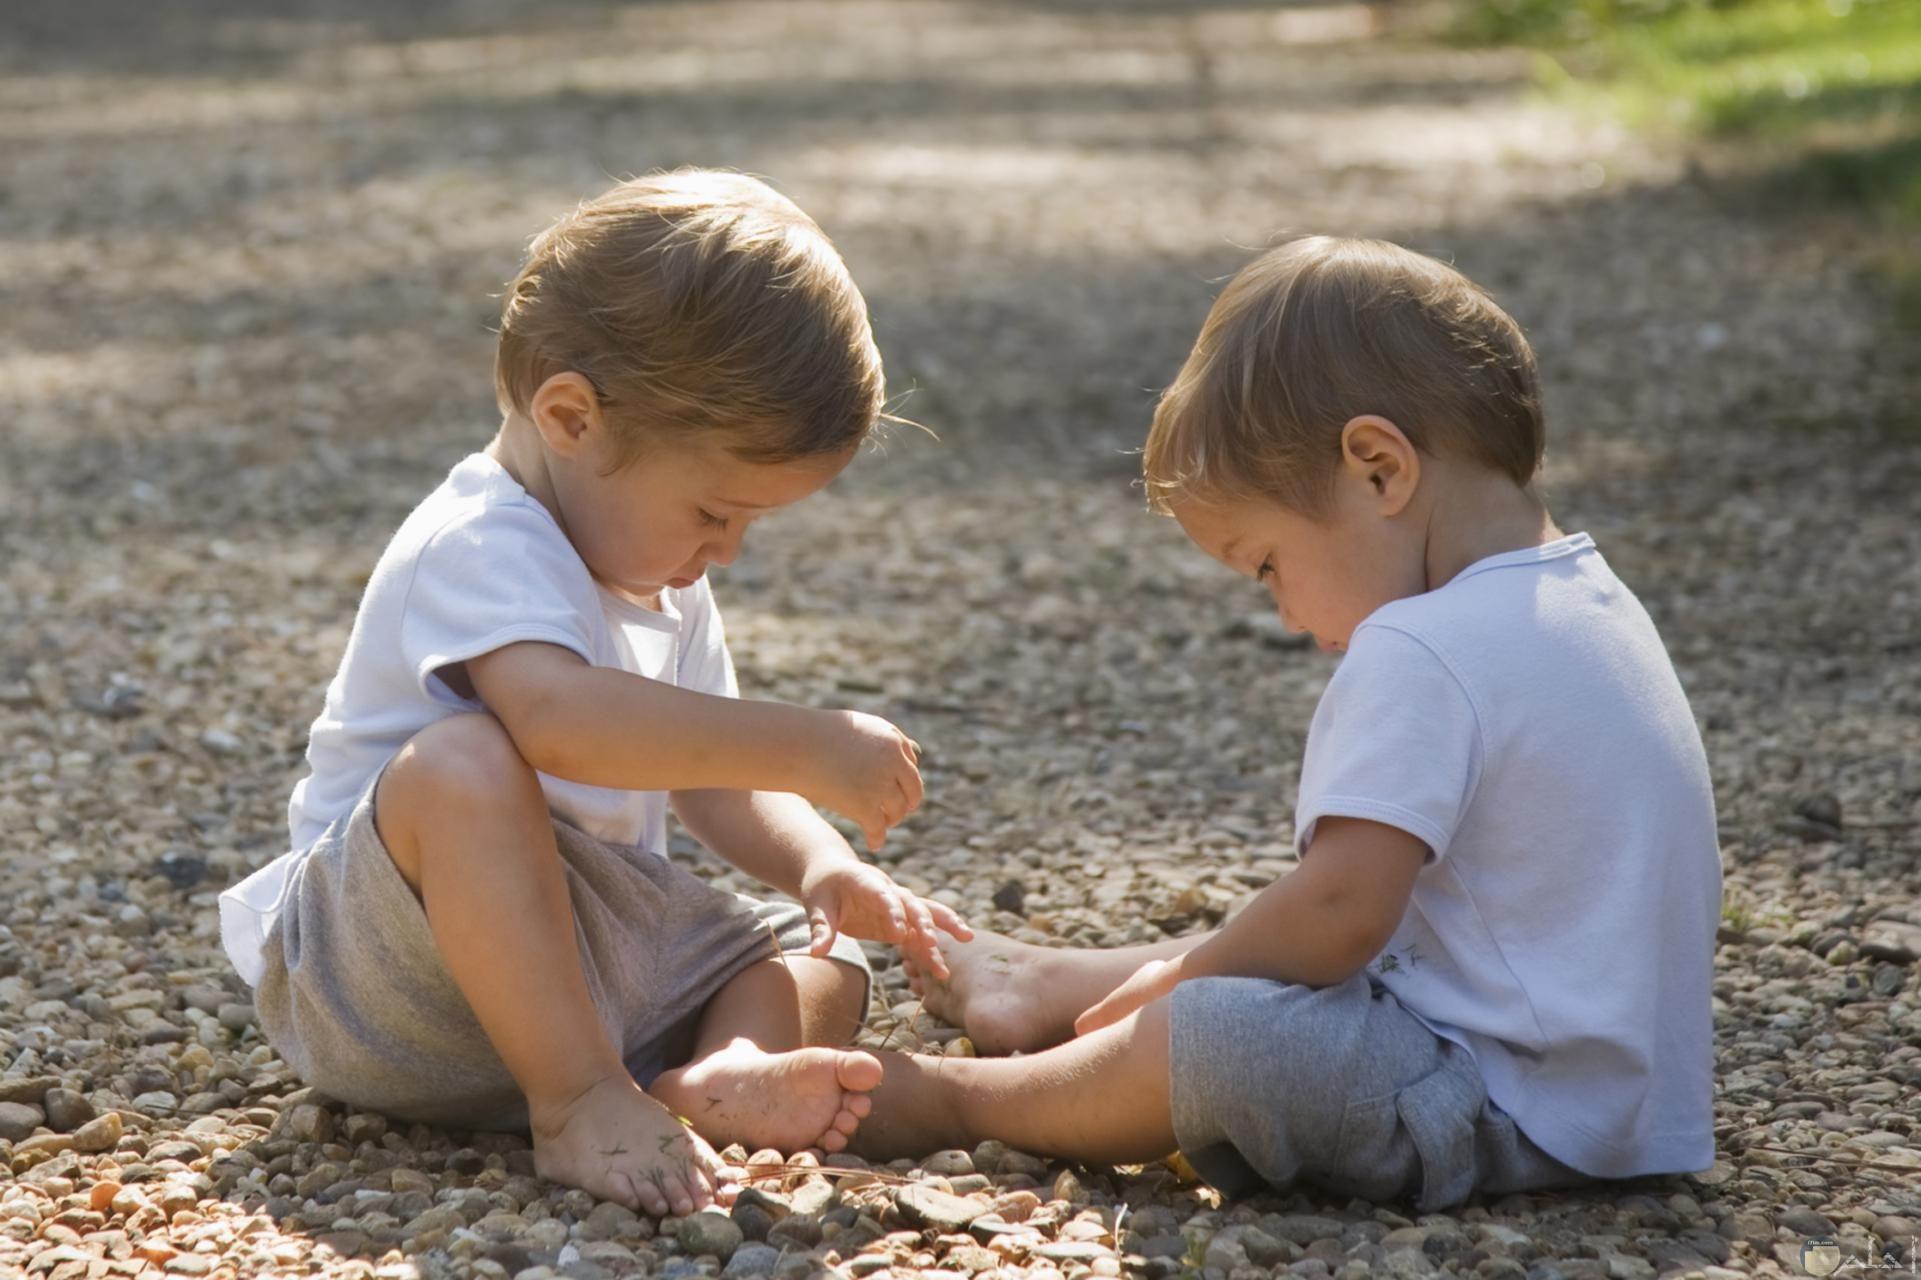 صورة جميلة لطفلين توأن يلعبون سوياً علي الأرض